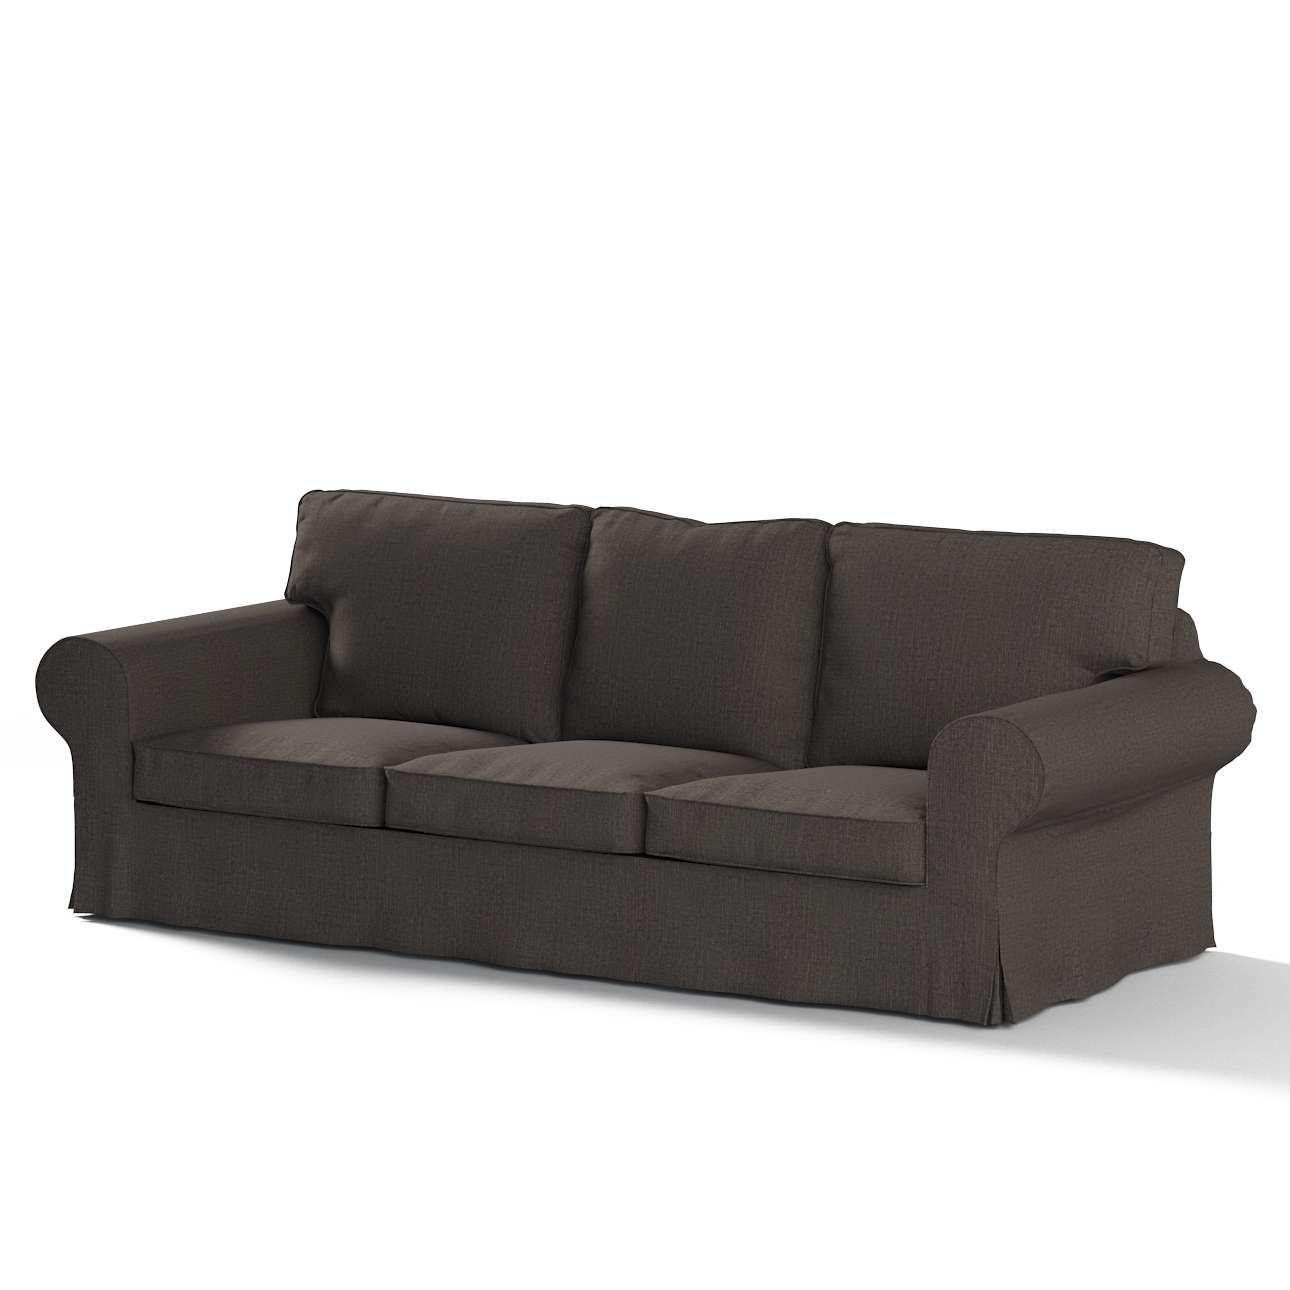 Pokrowiec na sofę Ektorp 3-osobową, rozkładaną NOWY MODEL 2013 Ektorp 3-os rozkładany nowy model 2013 w kolekcji Vintage, tkanina: 702-36